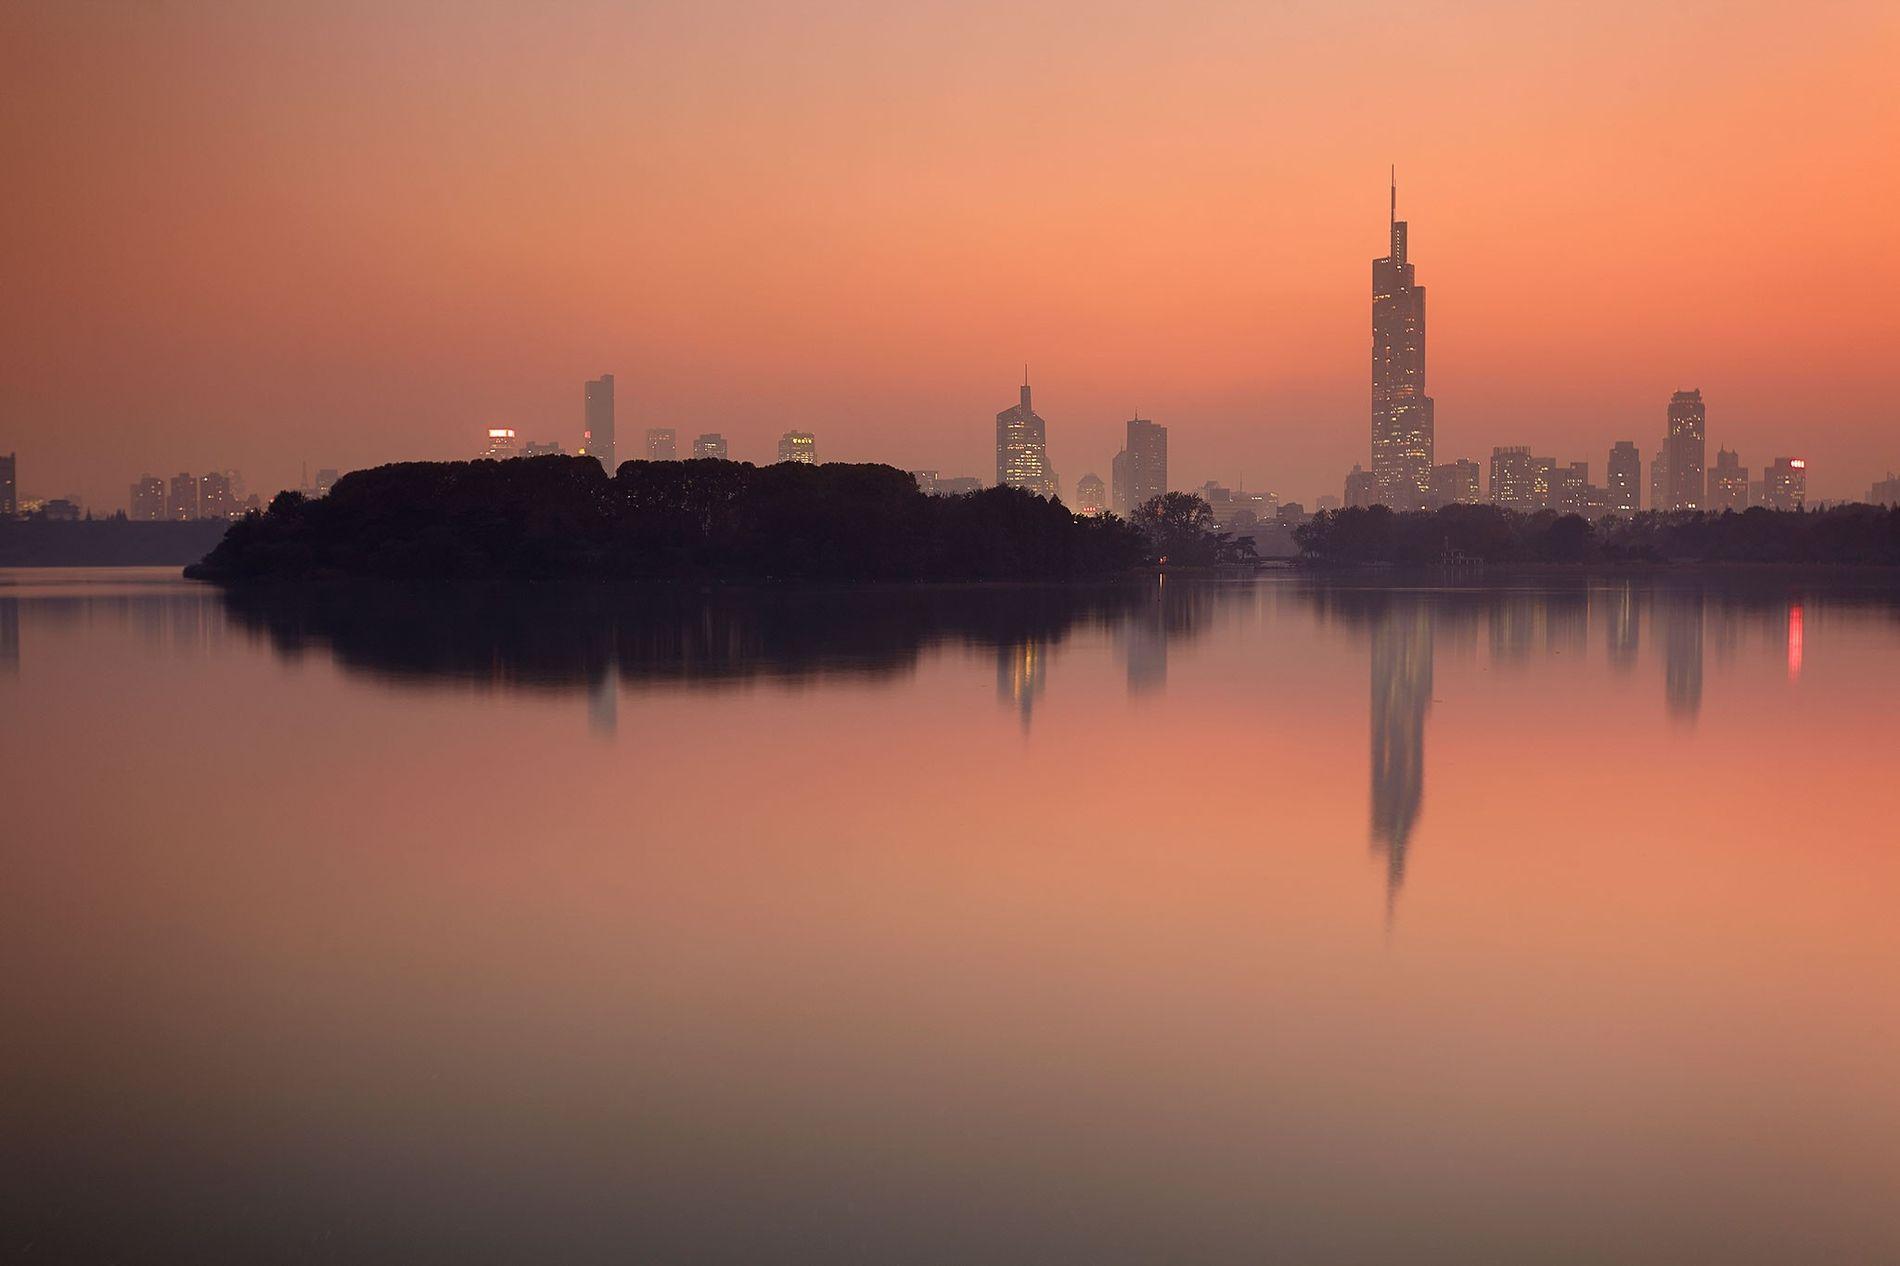 O pôr do sol emoldura o horizonte da cidade de Nanquim, à beira do lago Ziwu, ...